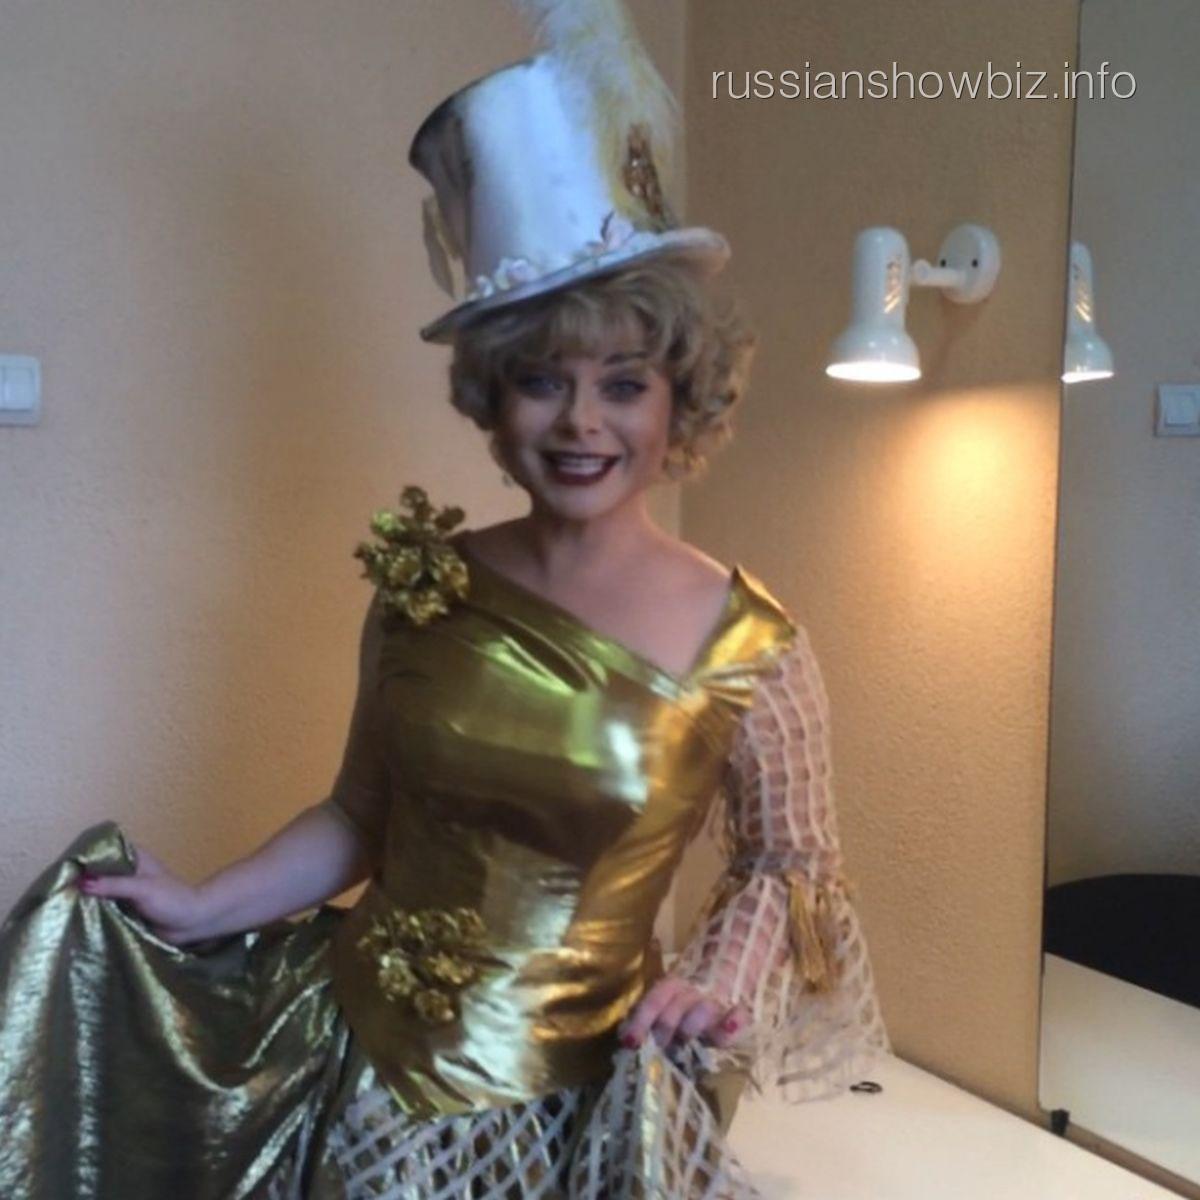 Наташа Королева в образе Любови Орловой